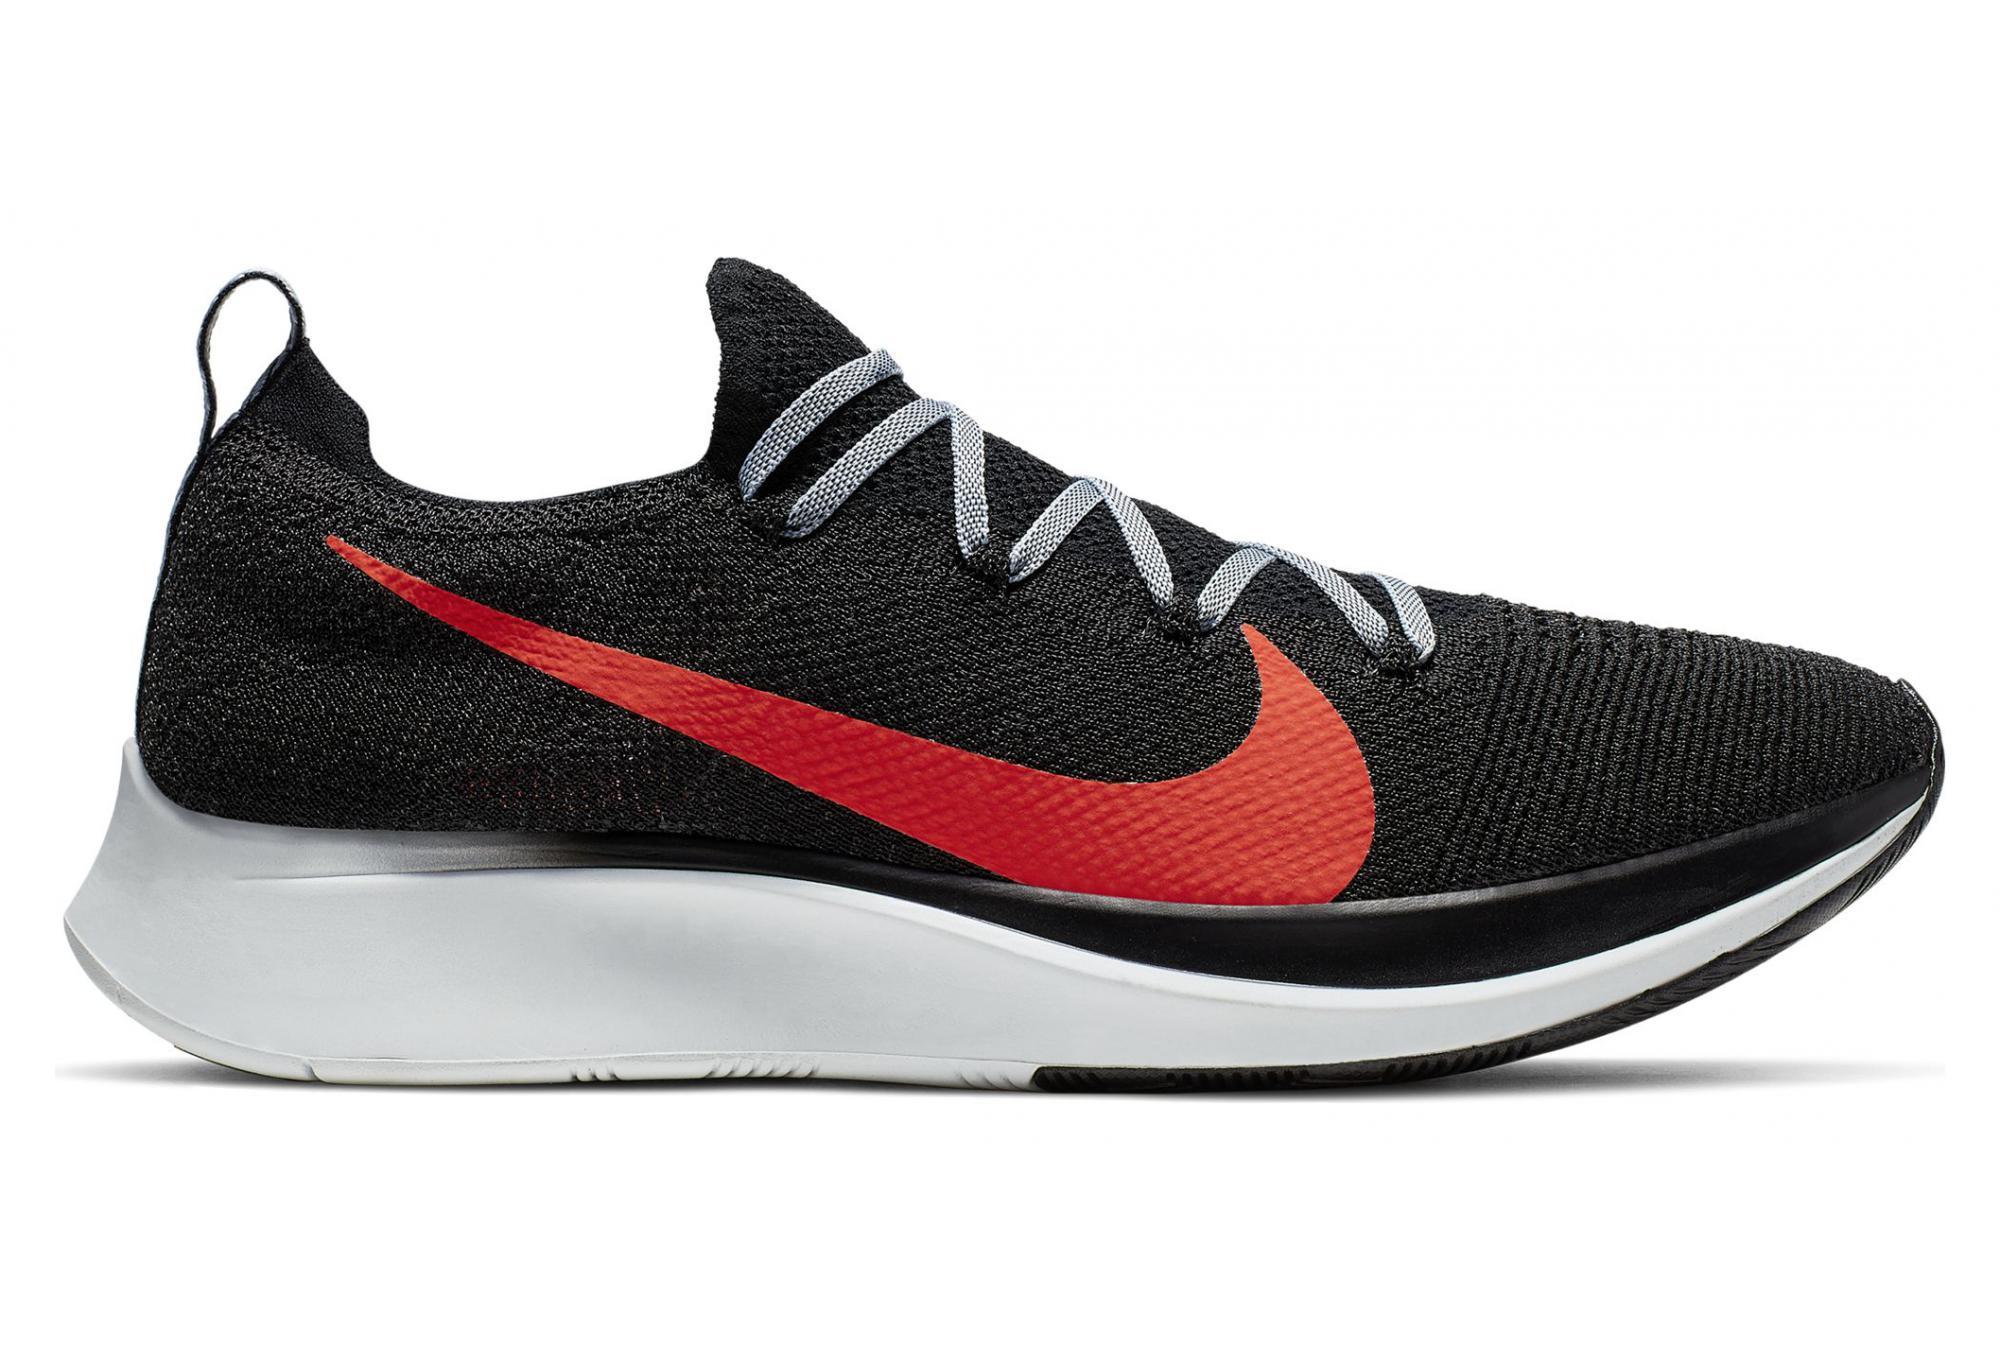 Nike Zoom Fly Flyknit Black Red Men